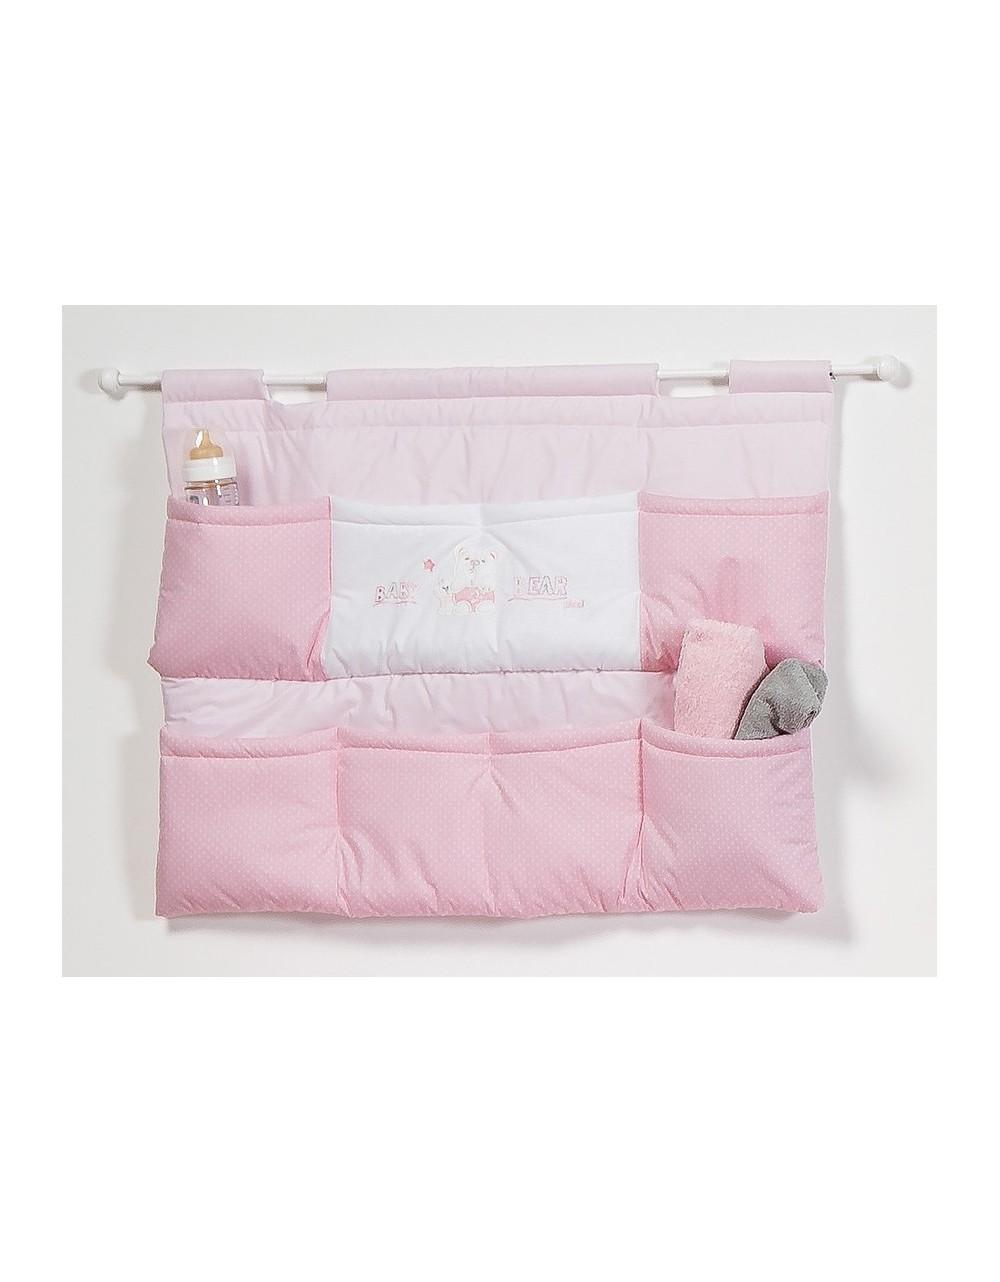 Pannello portaoggetti mami rosa picci - Pannello portaoggetti ...